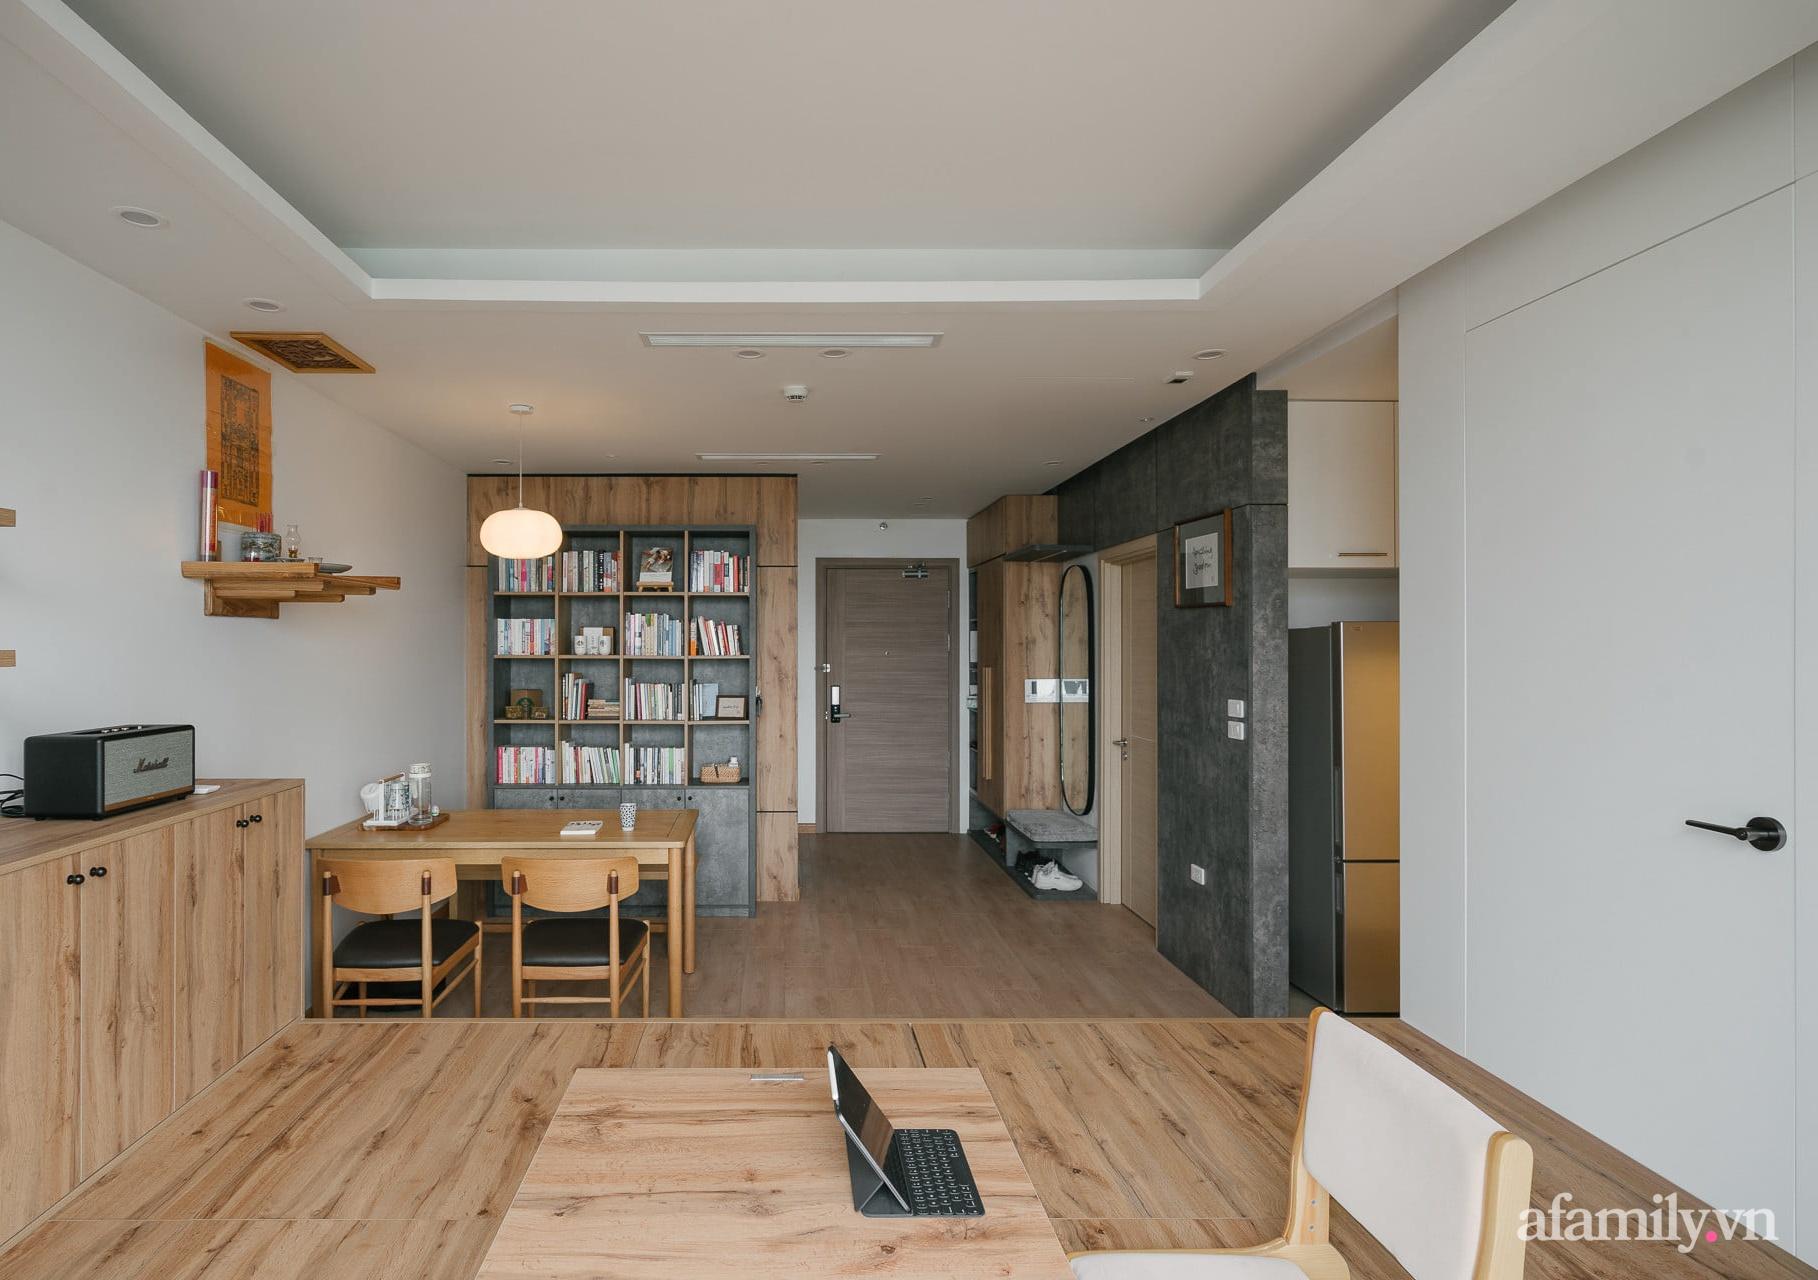 Sau 27 ngày cải tạo, chàng trai không nhận ra căn hộ 90m² của mình vì góc nào cũng xinh ở Giảng Võ, Hà Nội - Ảnh 4.